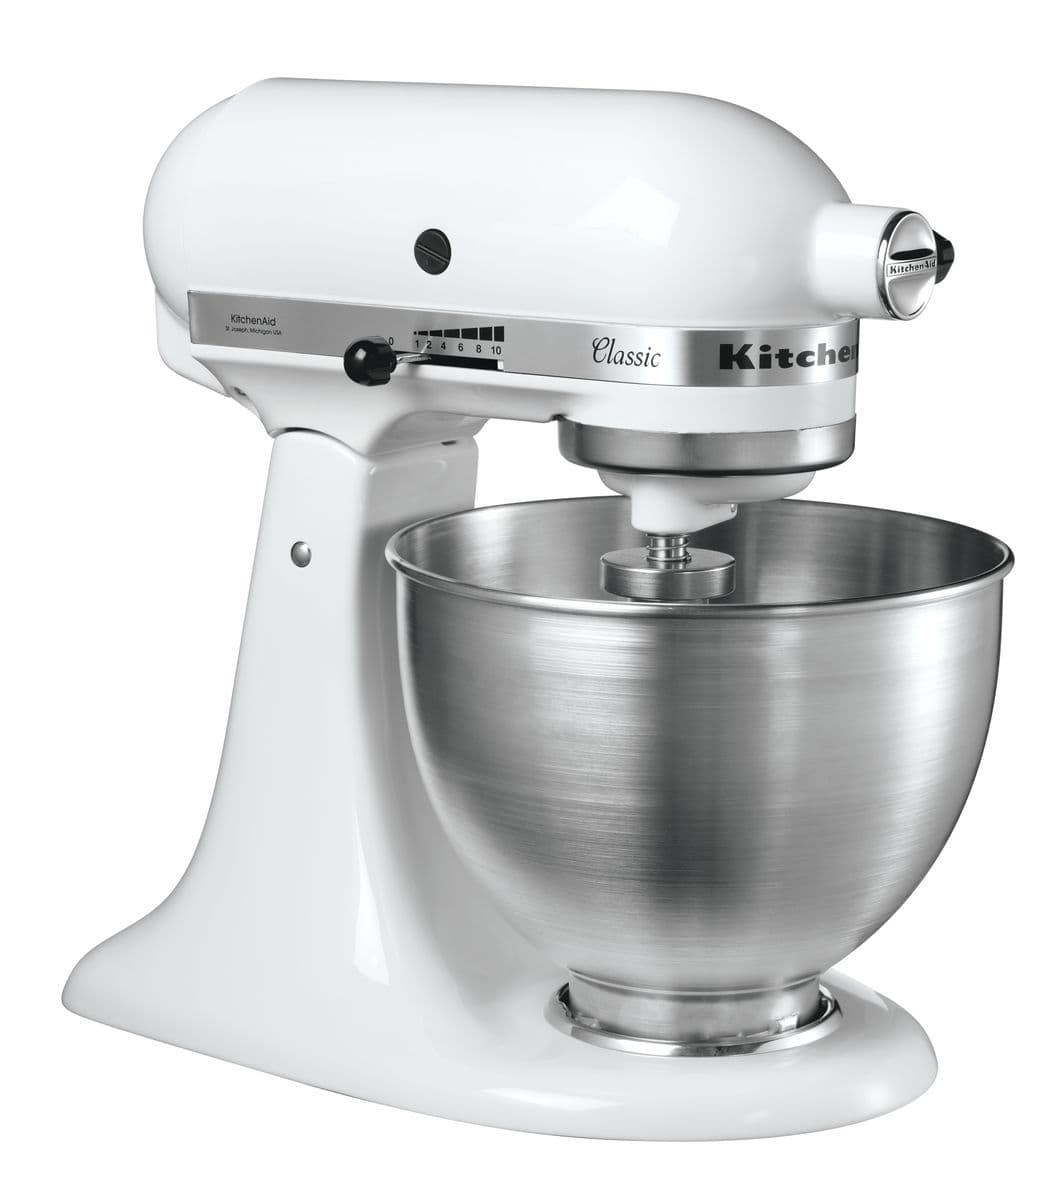 Kitchen aid robot de cuisine k45 classic set migros for Aide de cuisine